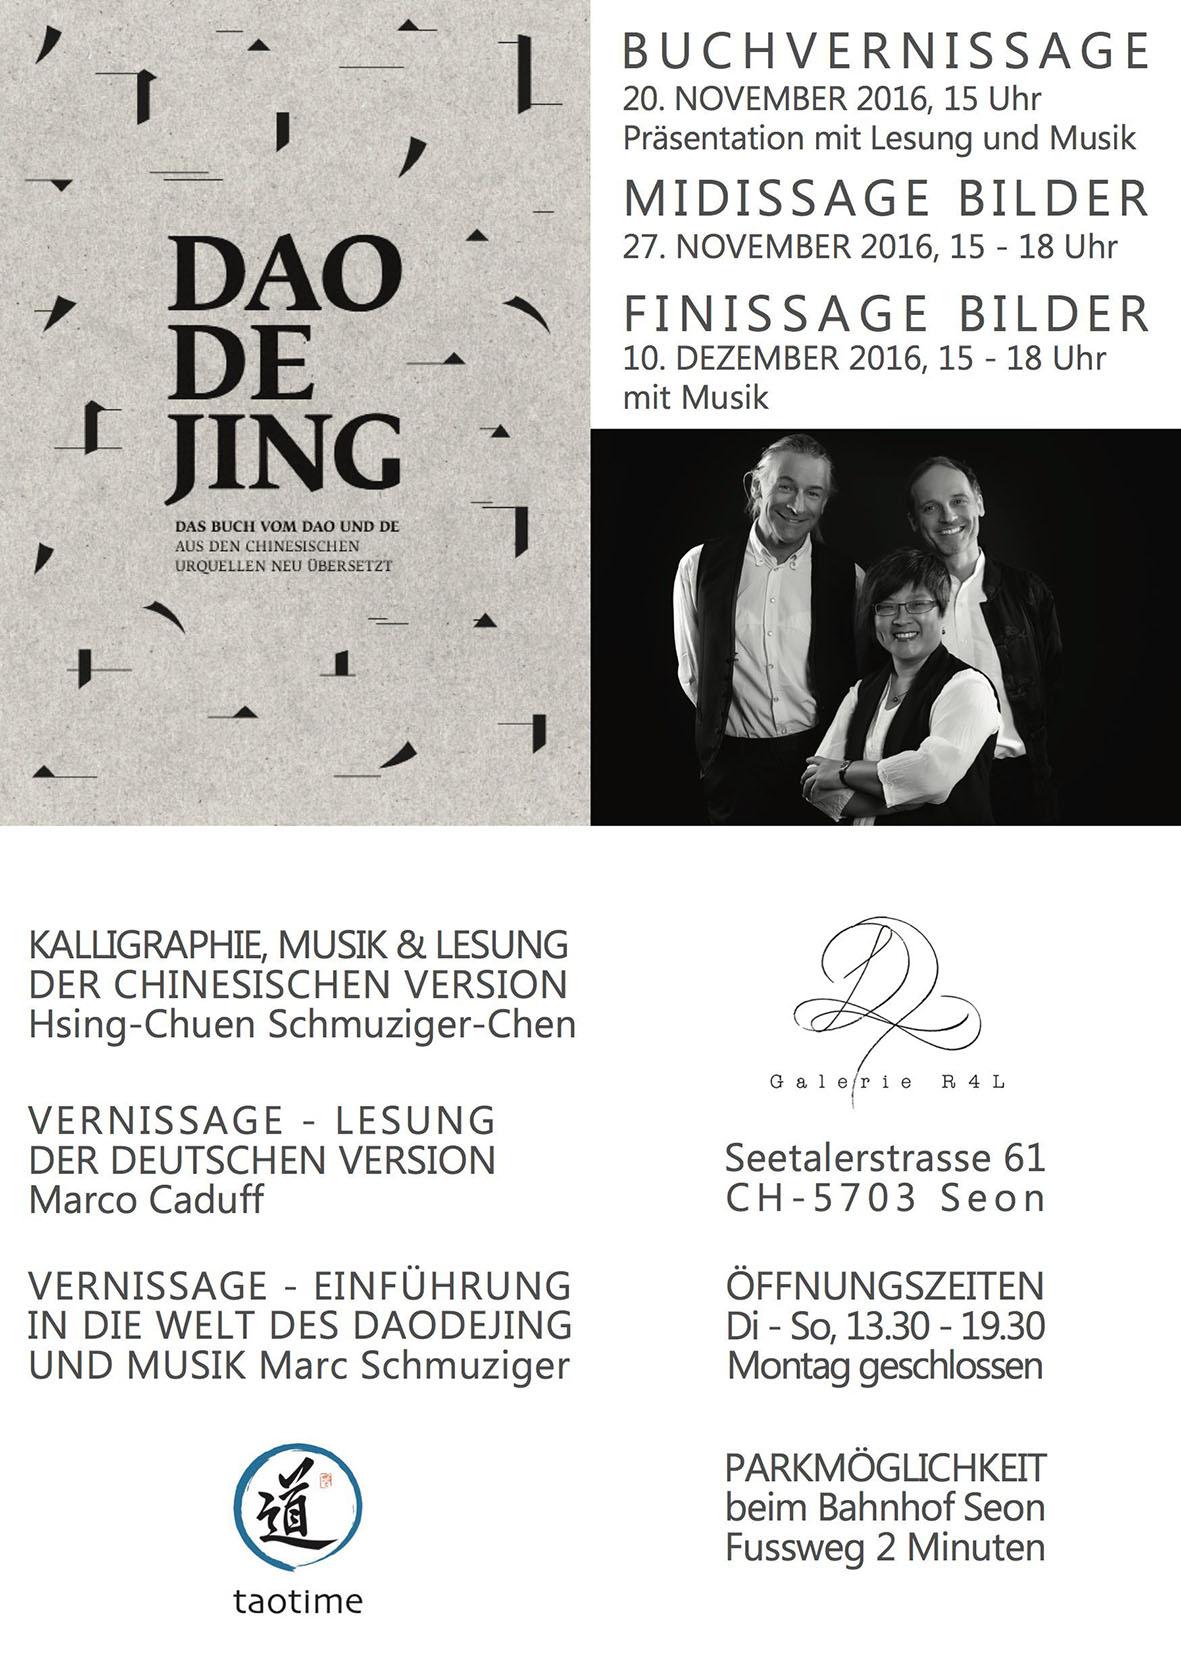 Kunstaustelung Dao de Jing